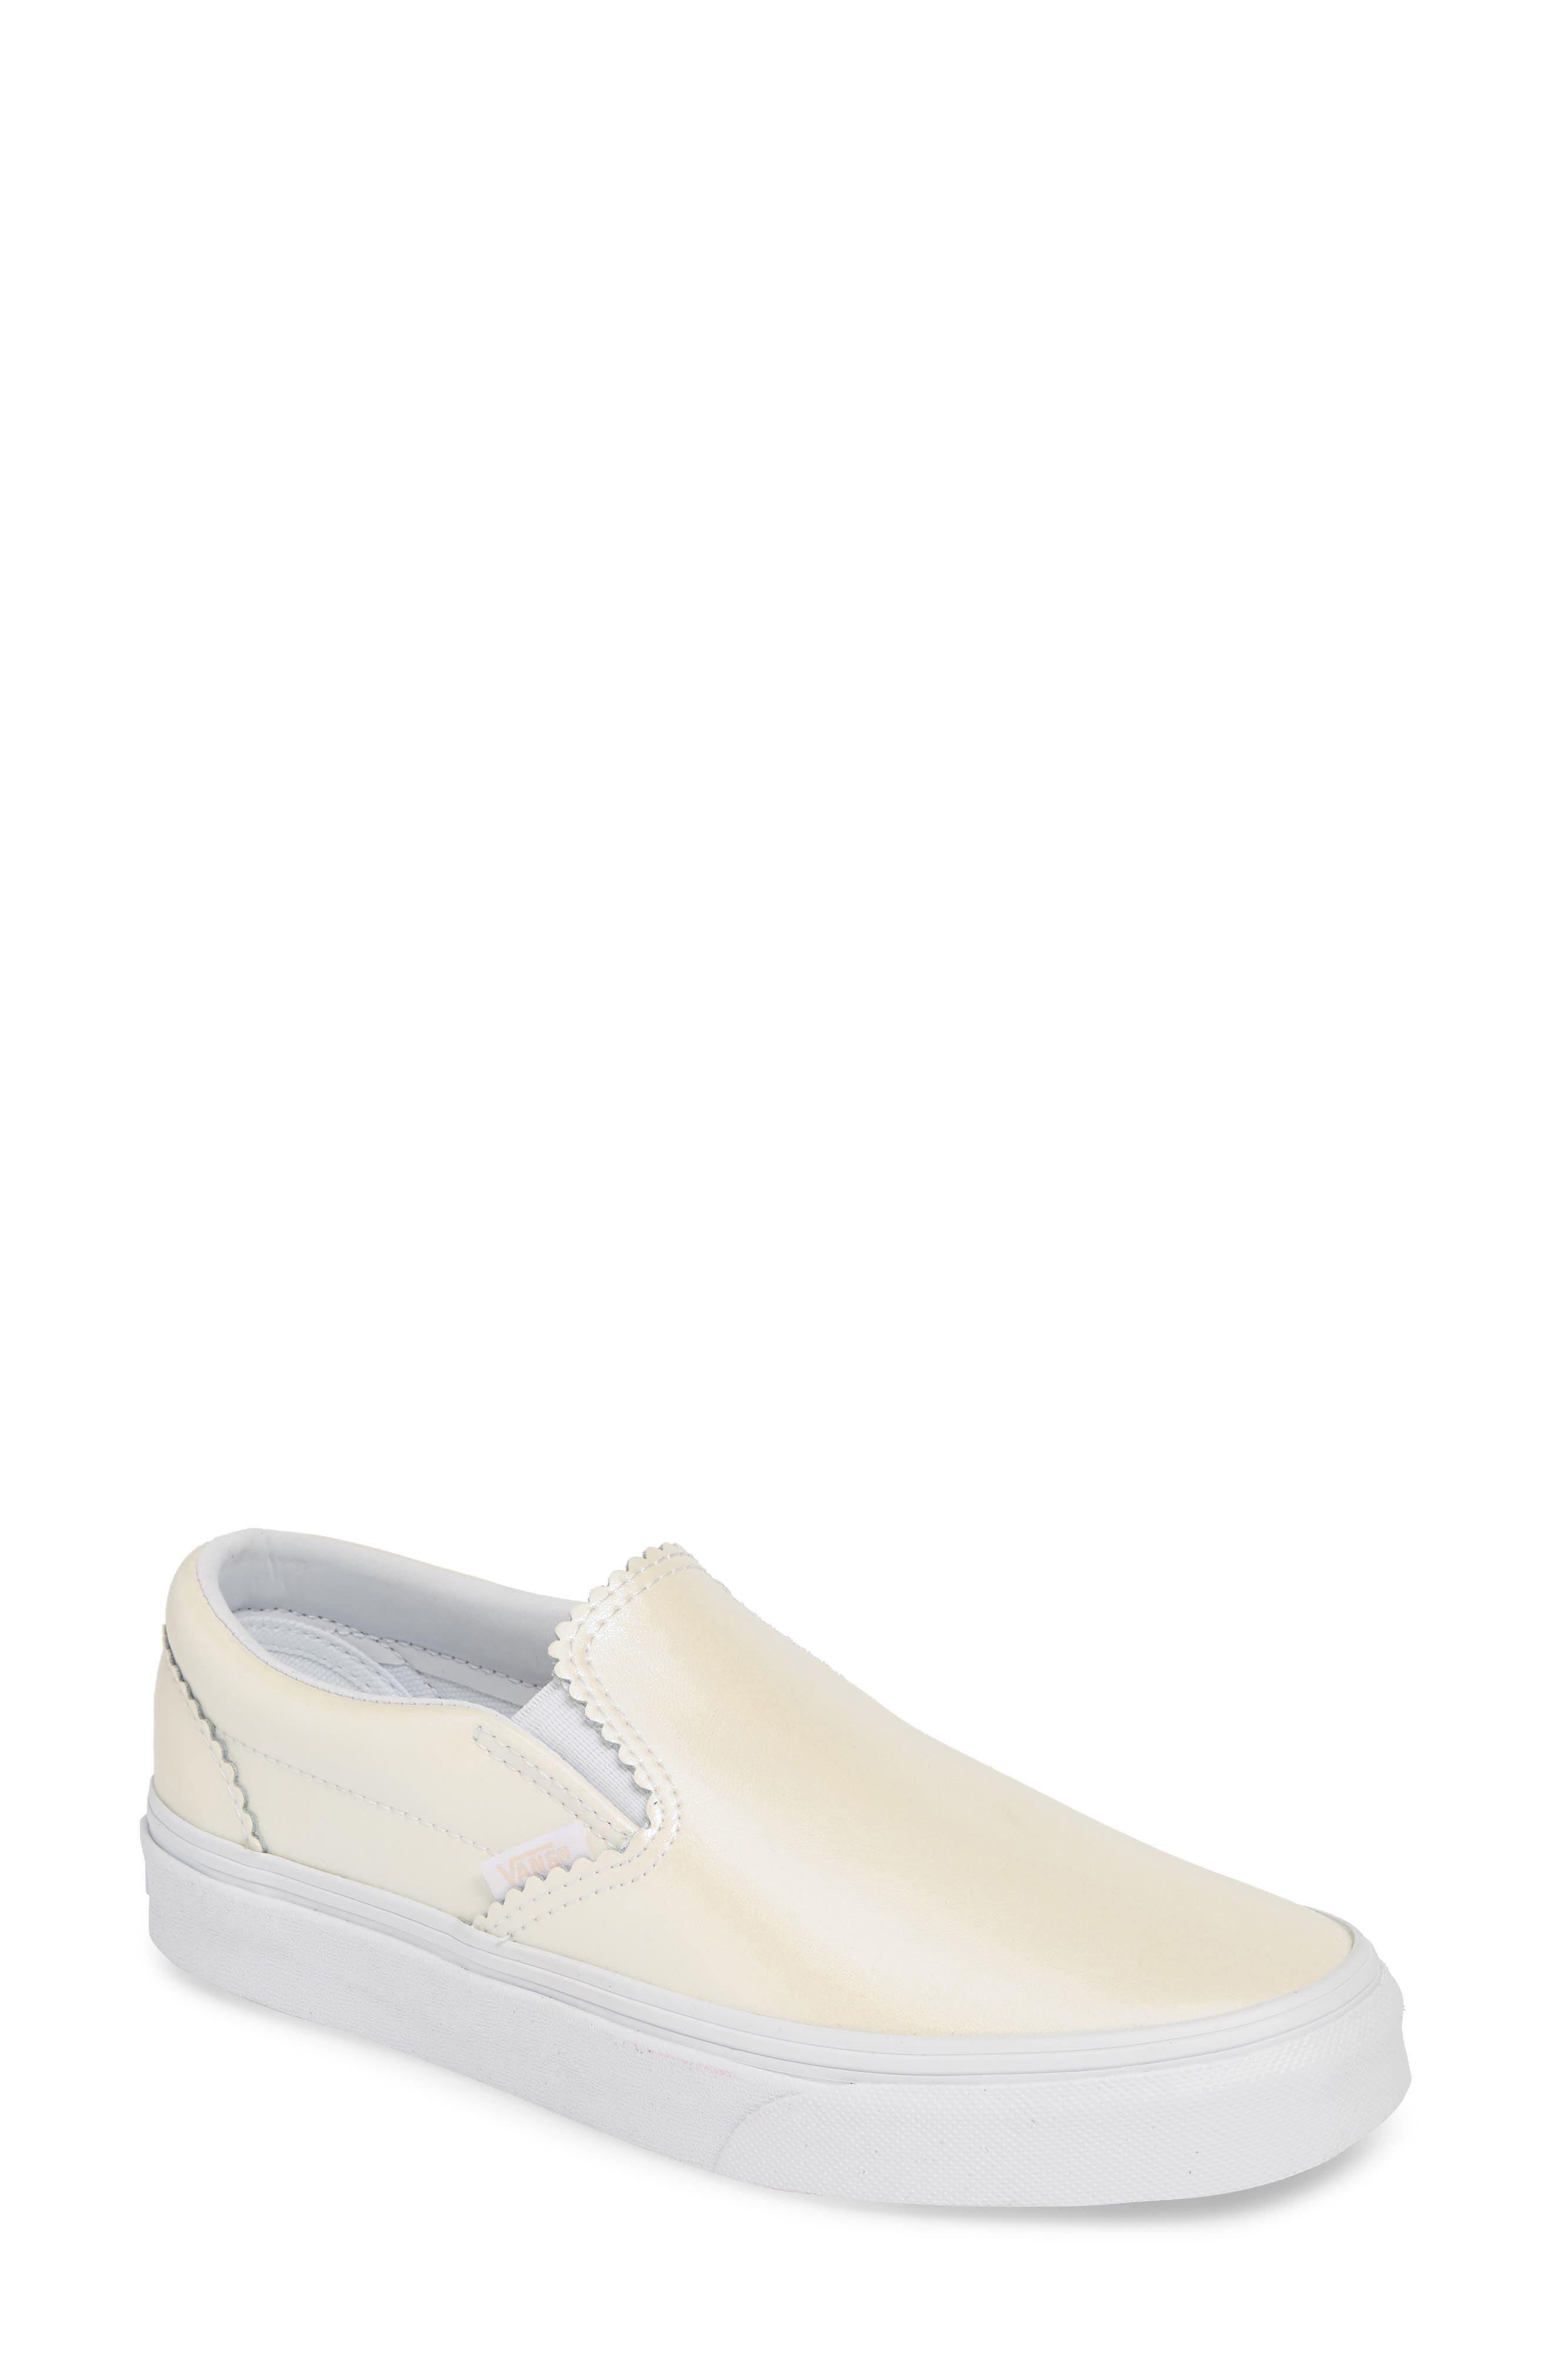 Vans Classic Pearl Slip-On Sneaker, White